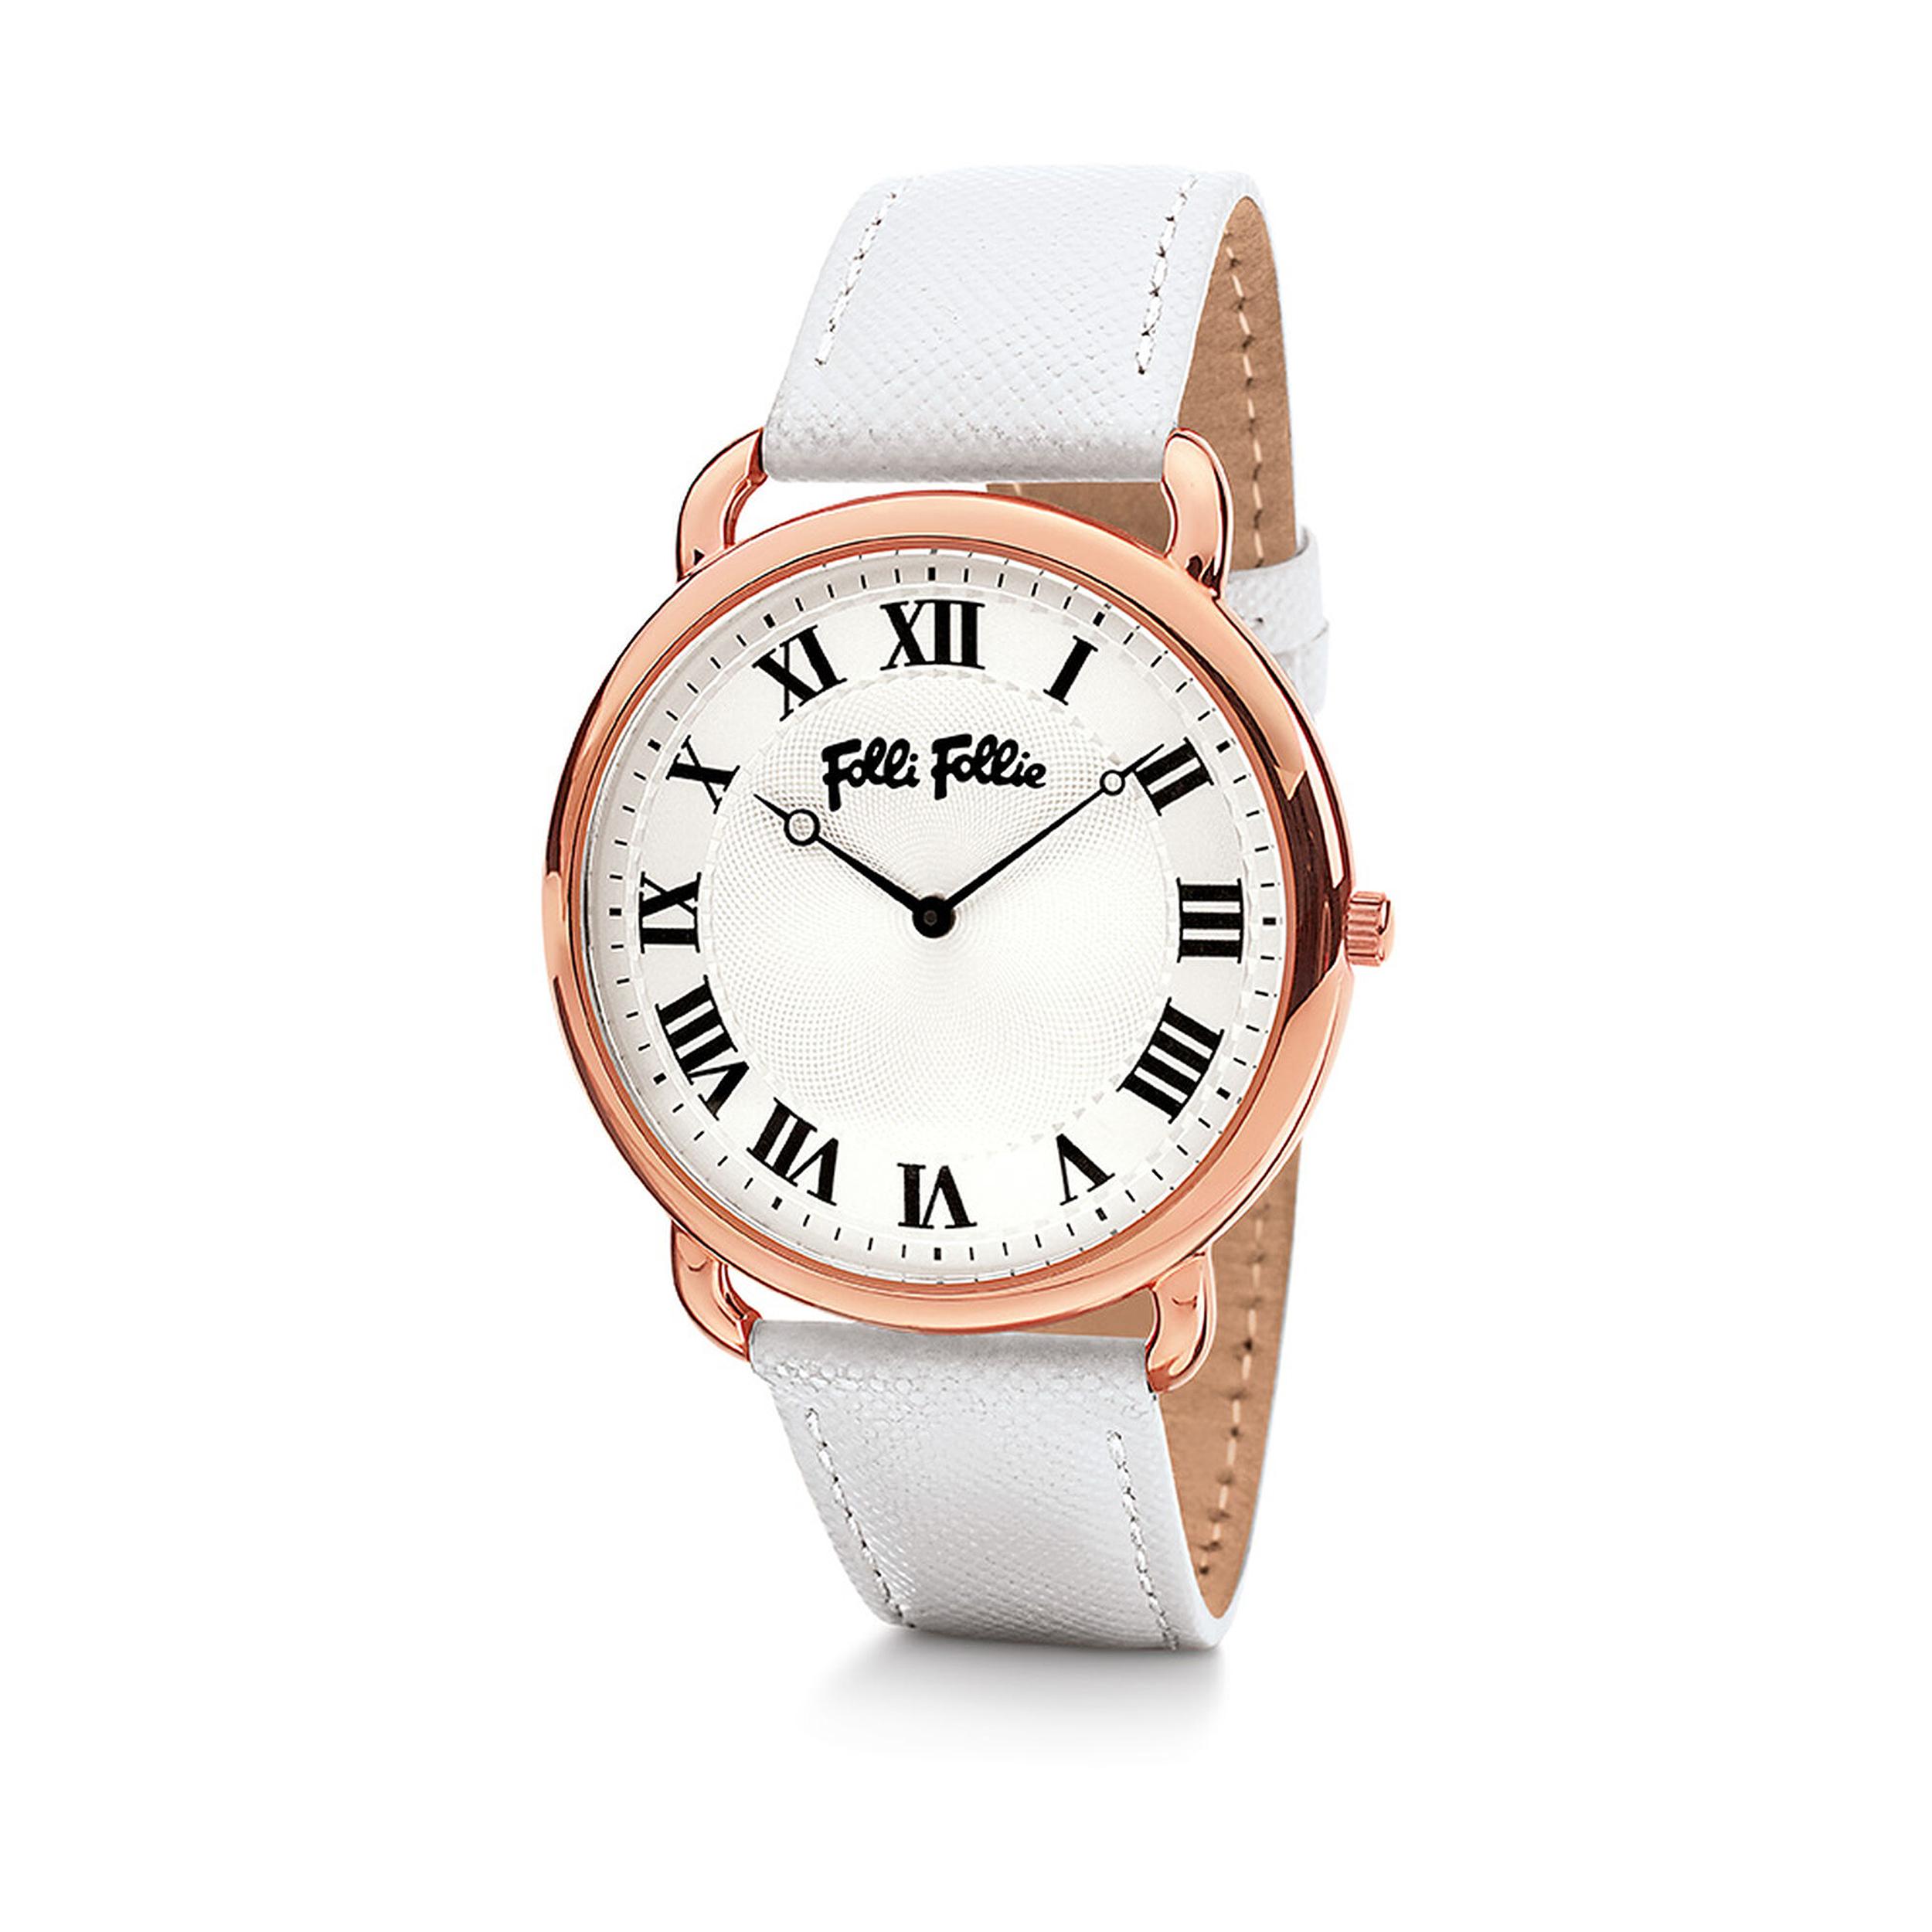 ساعت مچی عقربه ای زنانه فولی فولیه مدل WF16R014SPS-WH (بدون جعبه اورجینال)              خرید (⭐️⭐️⭐️)